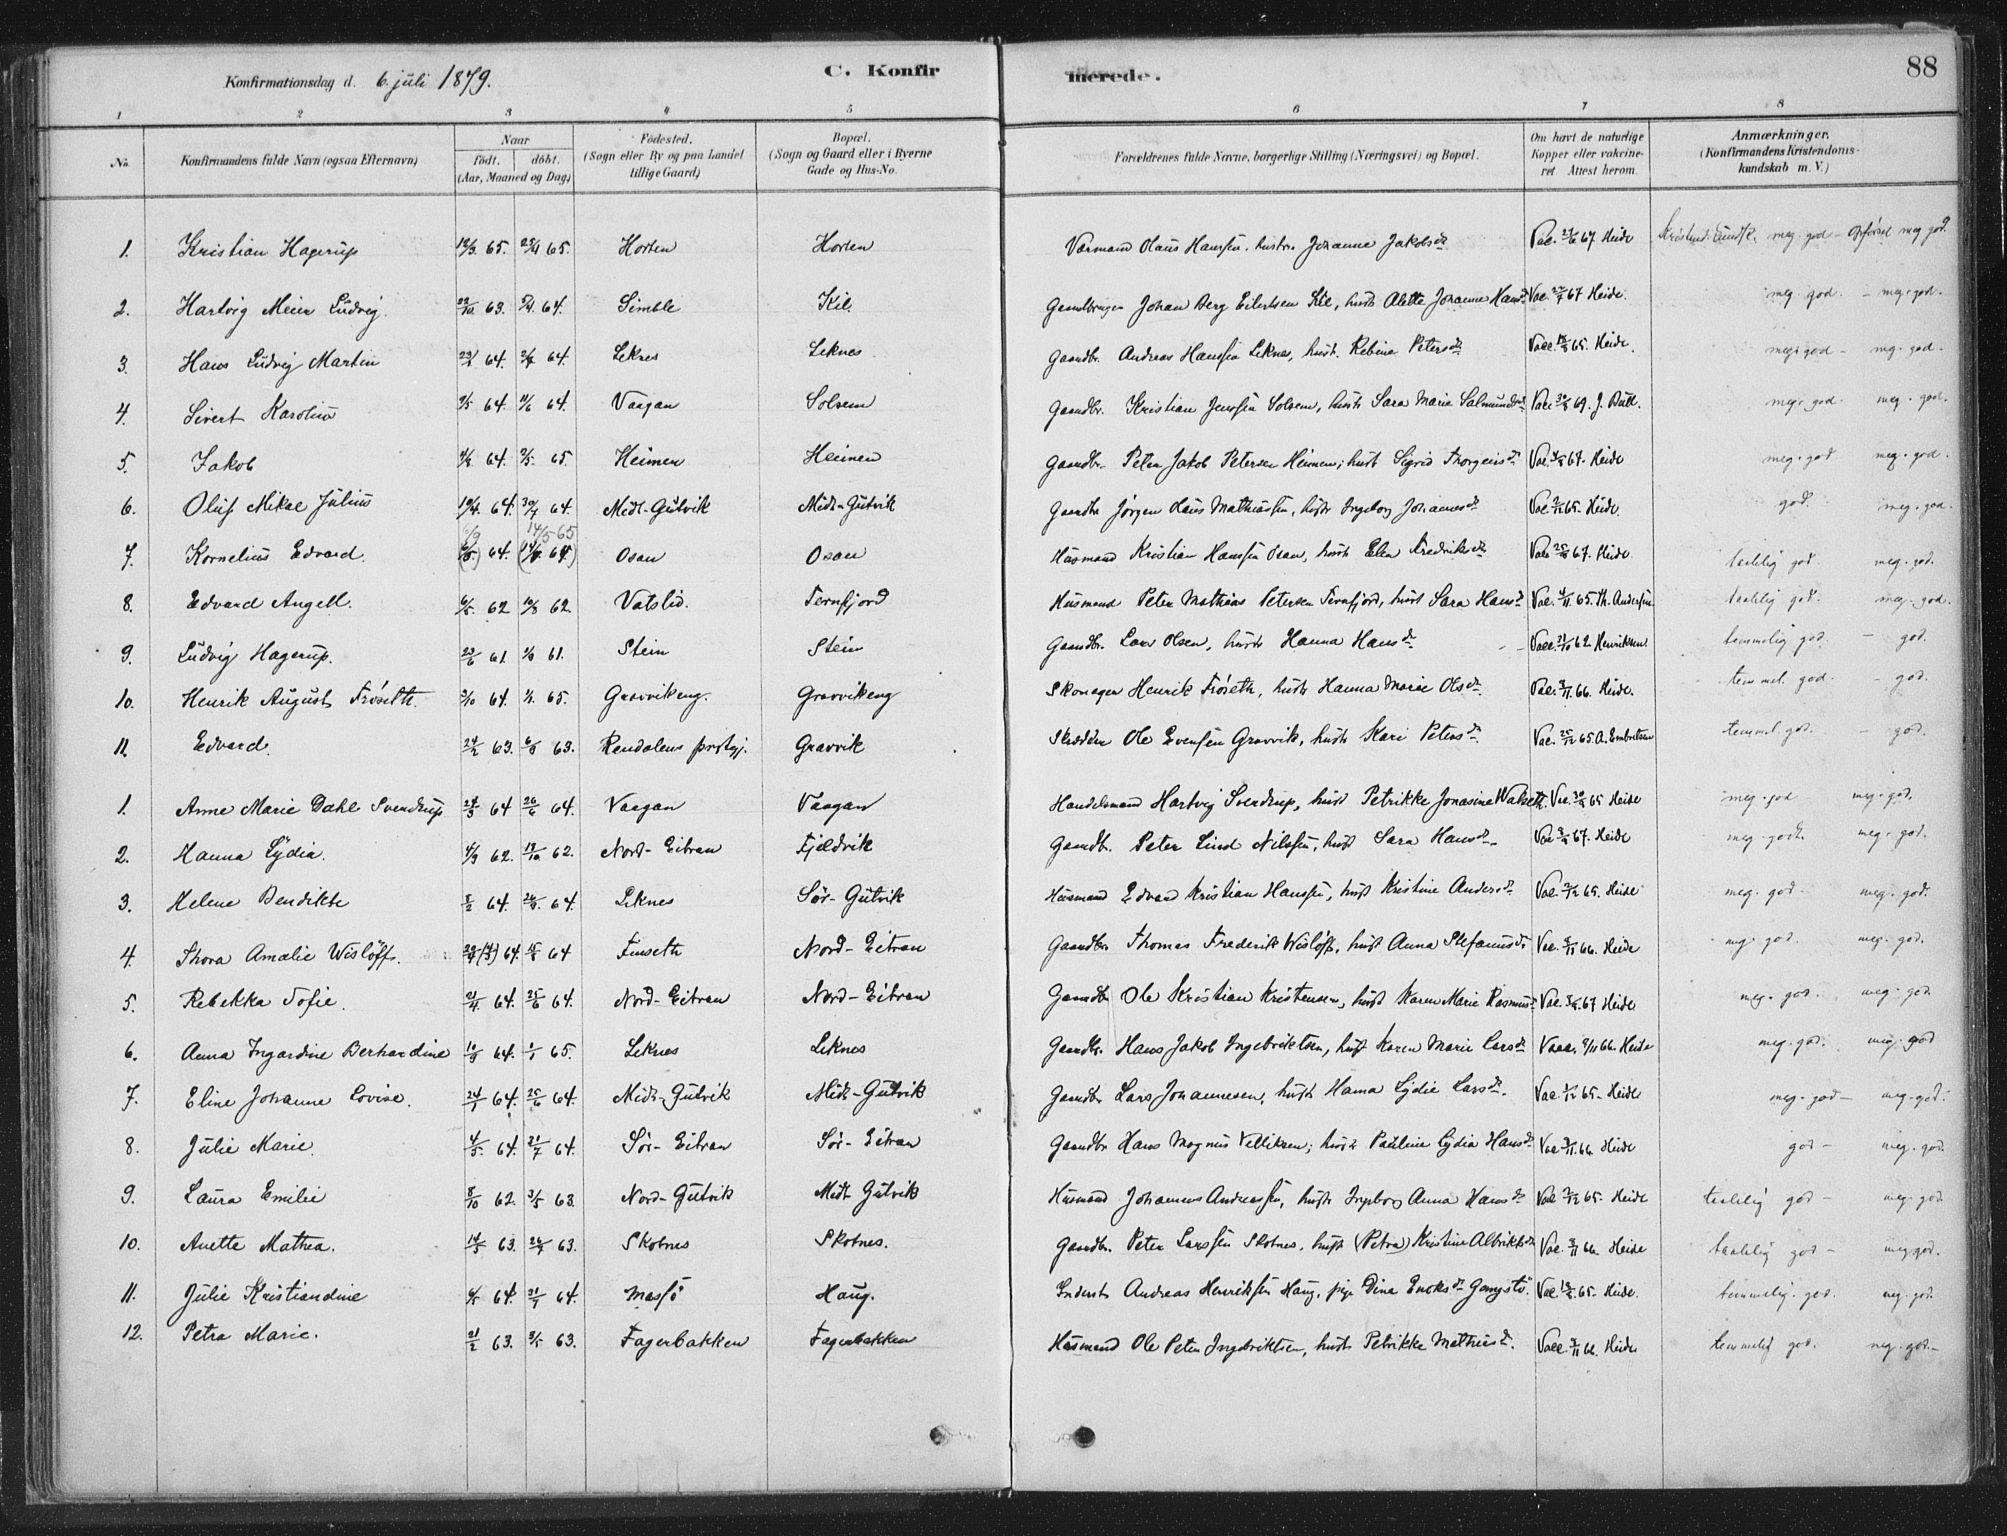 SAT, Ministerialprotokoller, klokkerbøker og fødselsregistre - Nord-Trøndelag, 788/L0697: Ministerialbok nr. 788A04, 1878-1902, s. 88